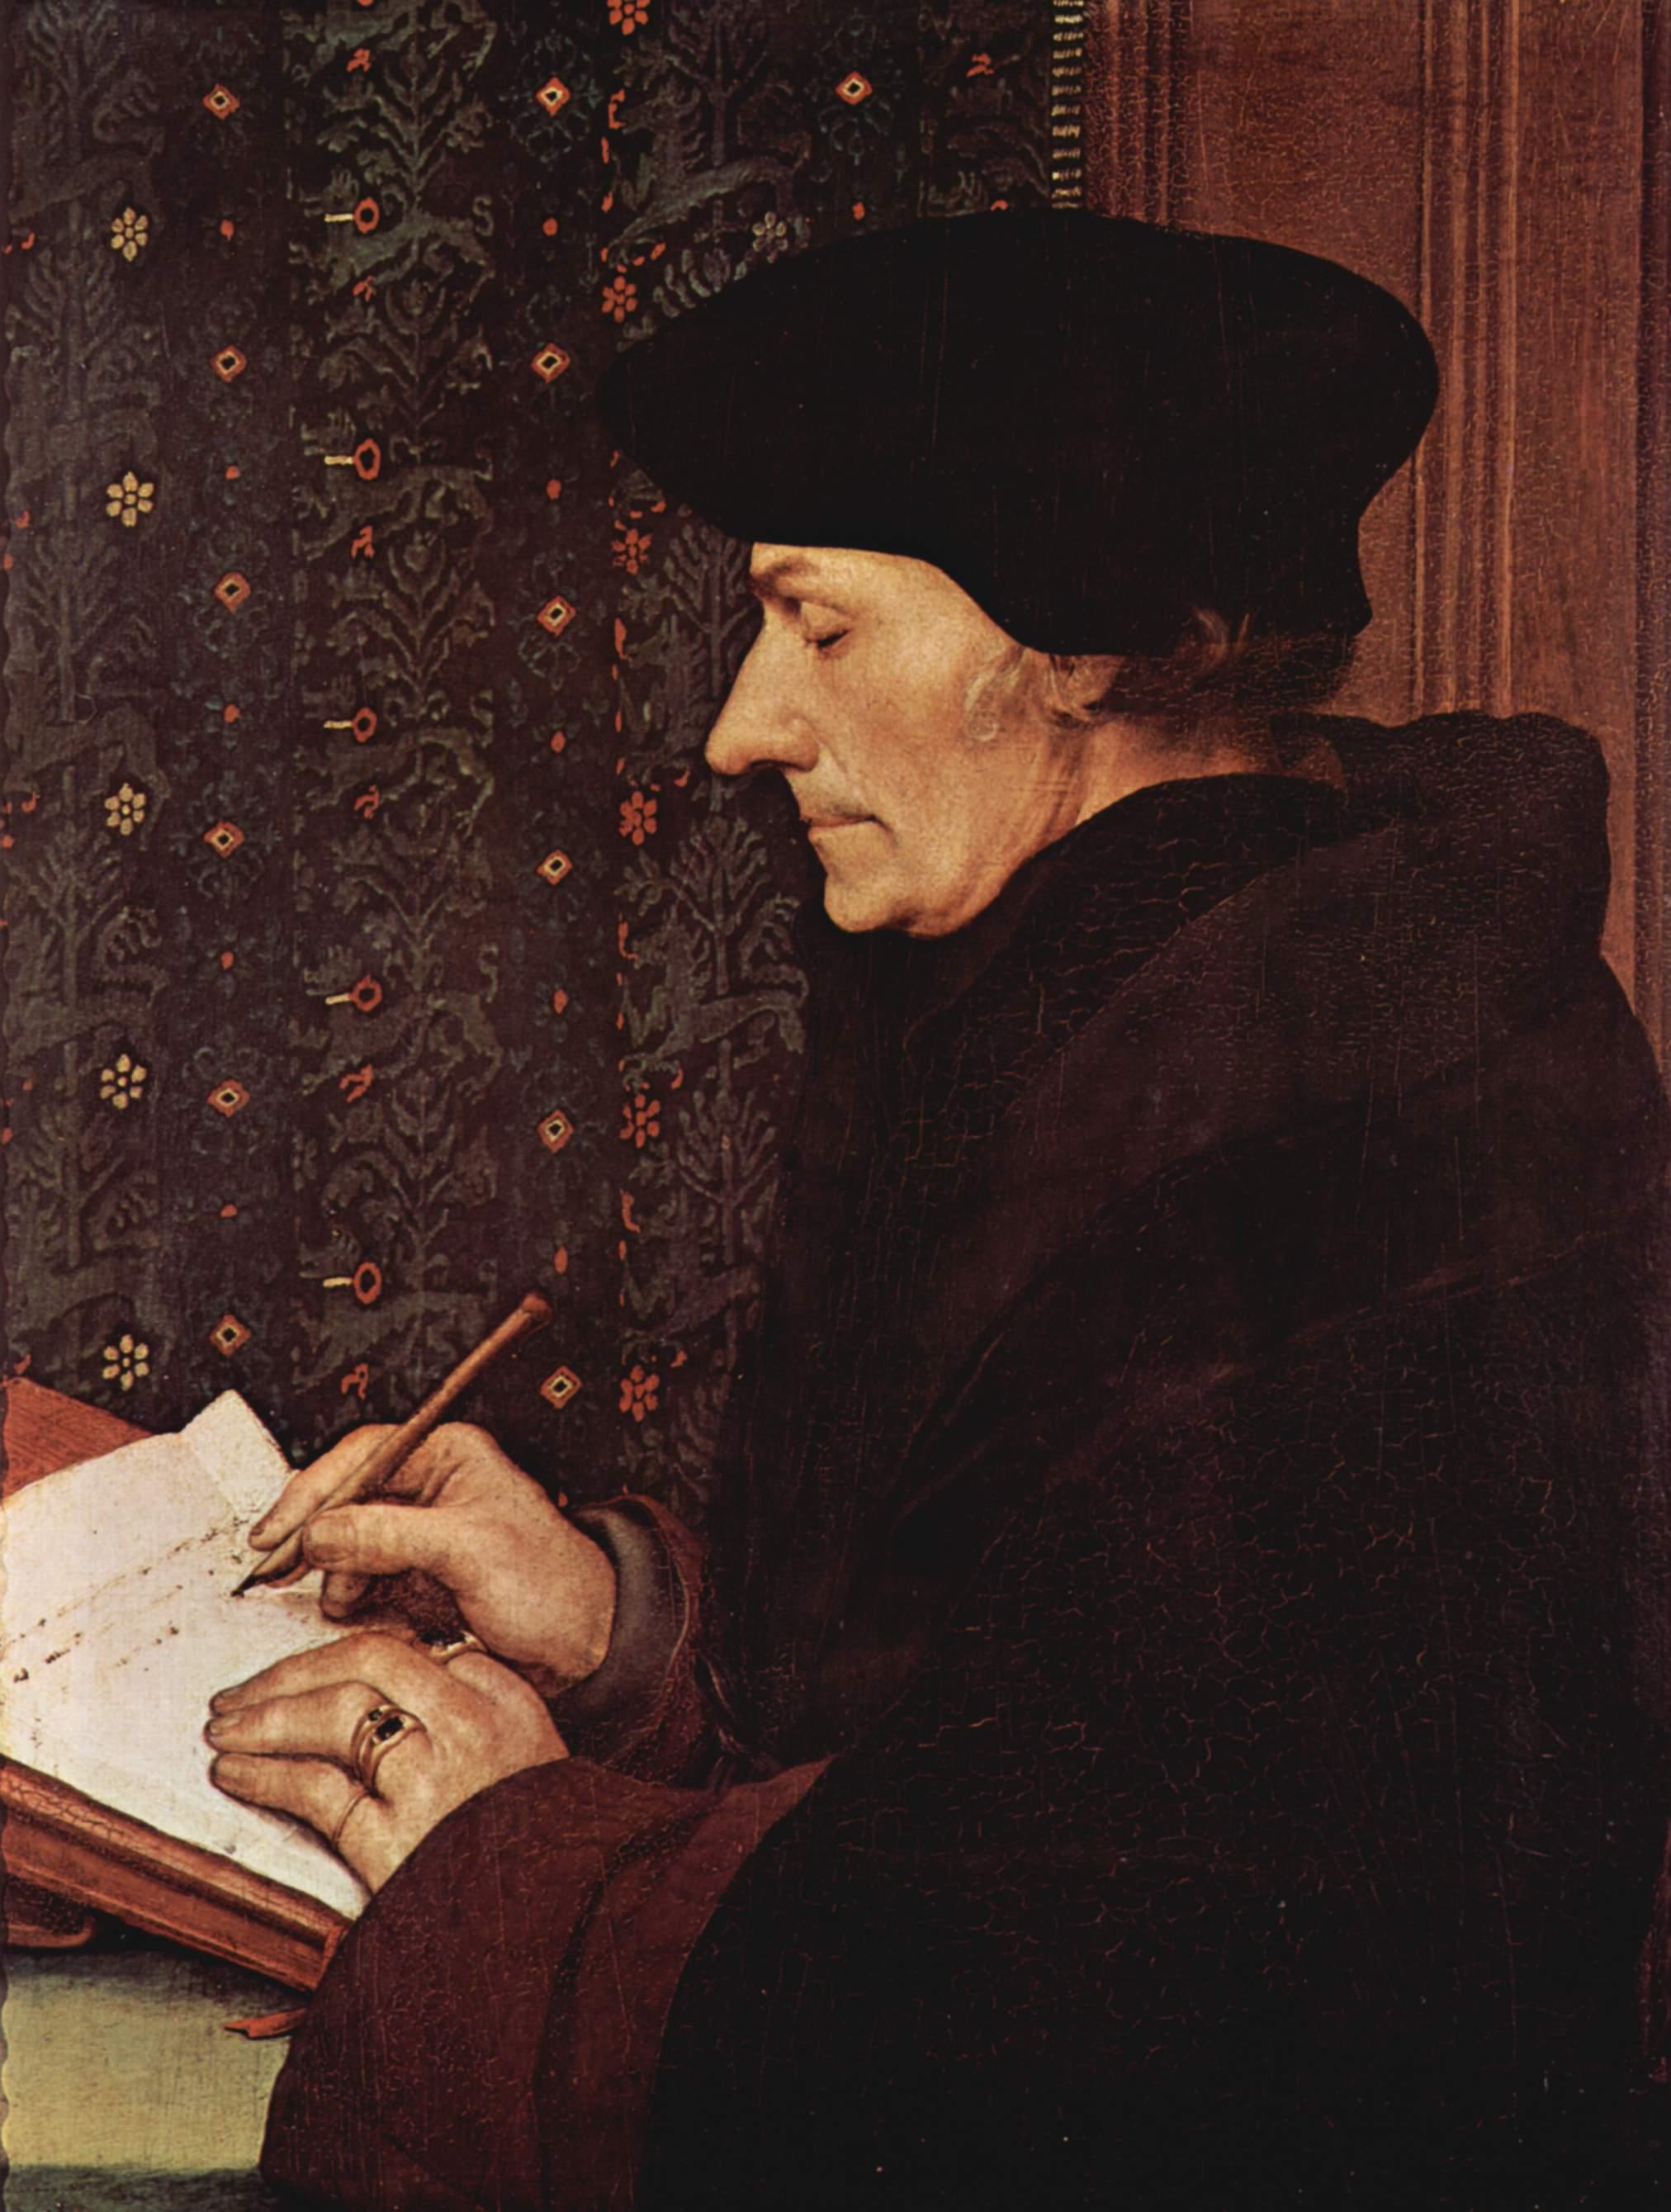 Retrato de Erasmo de Rotterdam, de Hans Holbein, primer cuarto del s. XVI